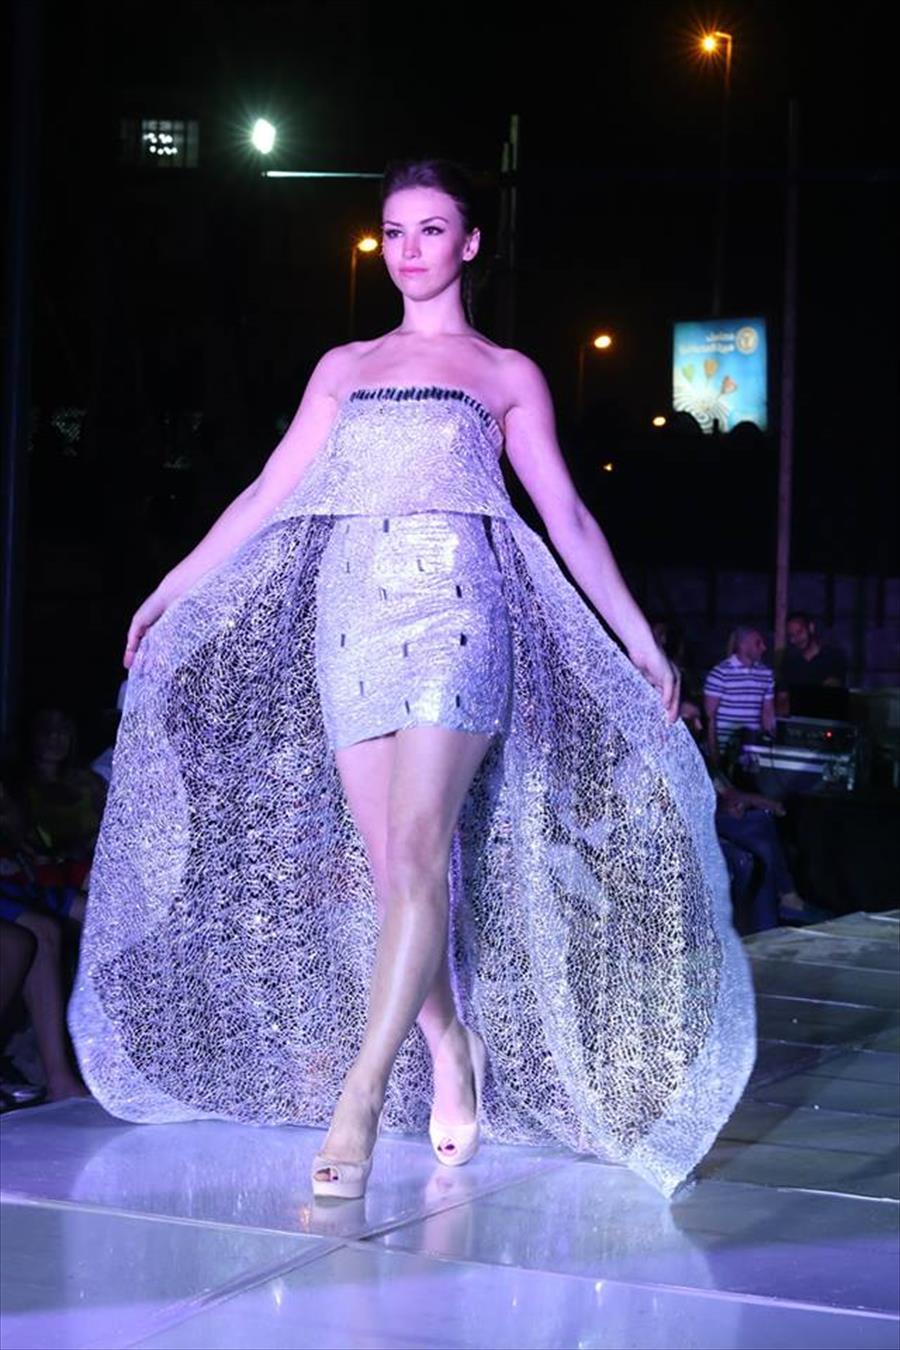 صوره فساتين سهرة في طرابلس فيس بوك , اروع الفساتين , قلبي يا ناس علي الاناقة